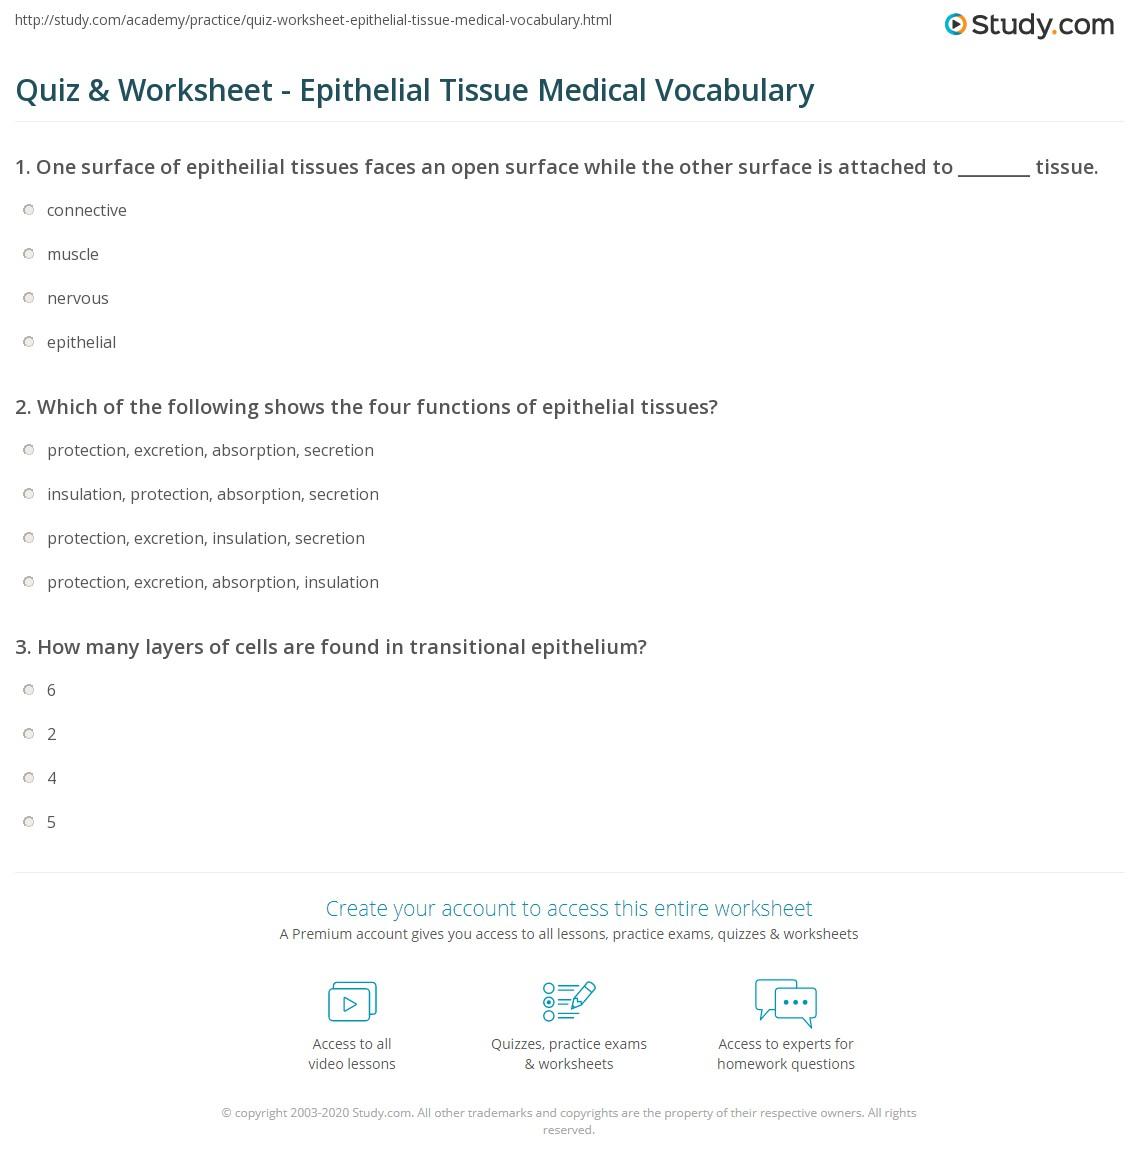 quiz worksheet epithelial tissue medical vocabulary. Black Bedroom Furniture Sets. Home Design Ideas